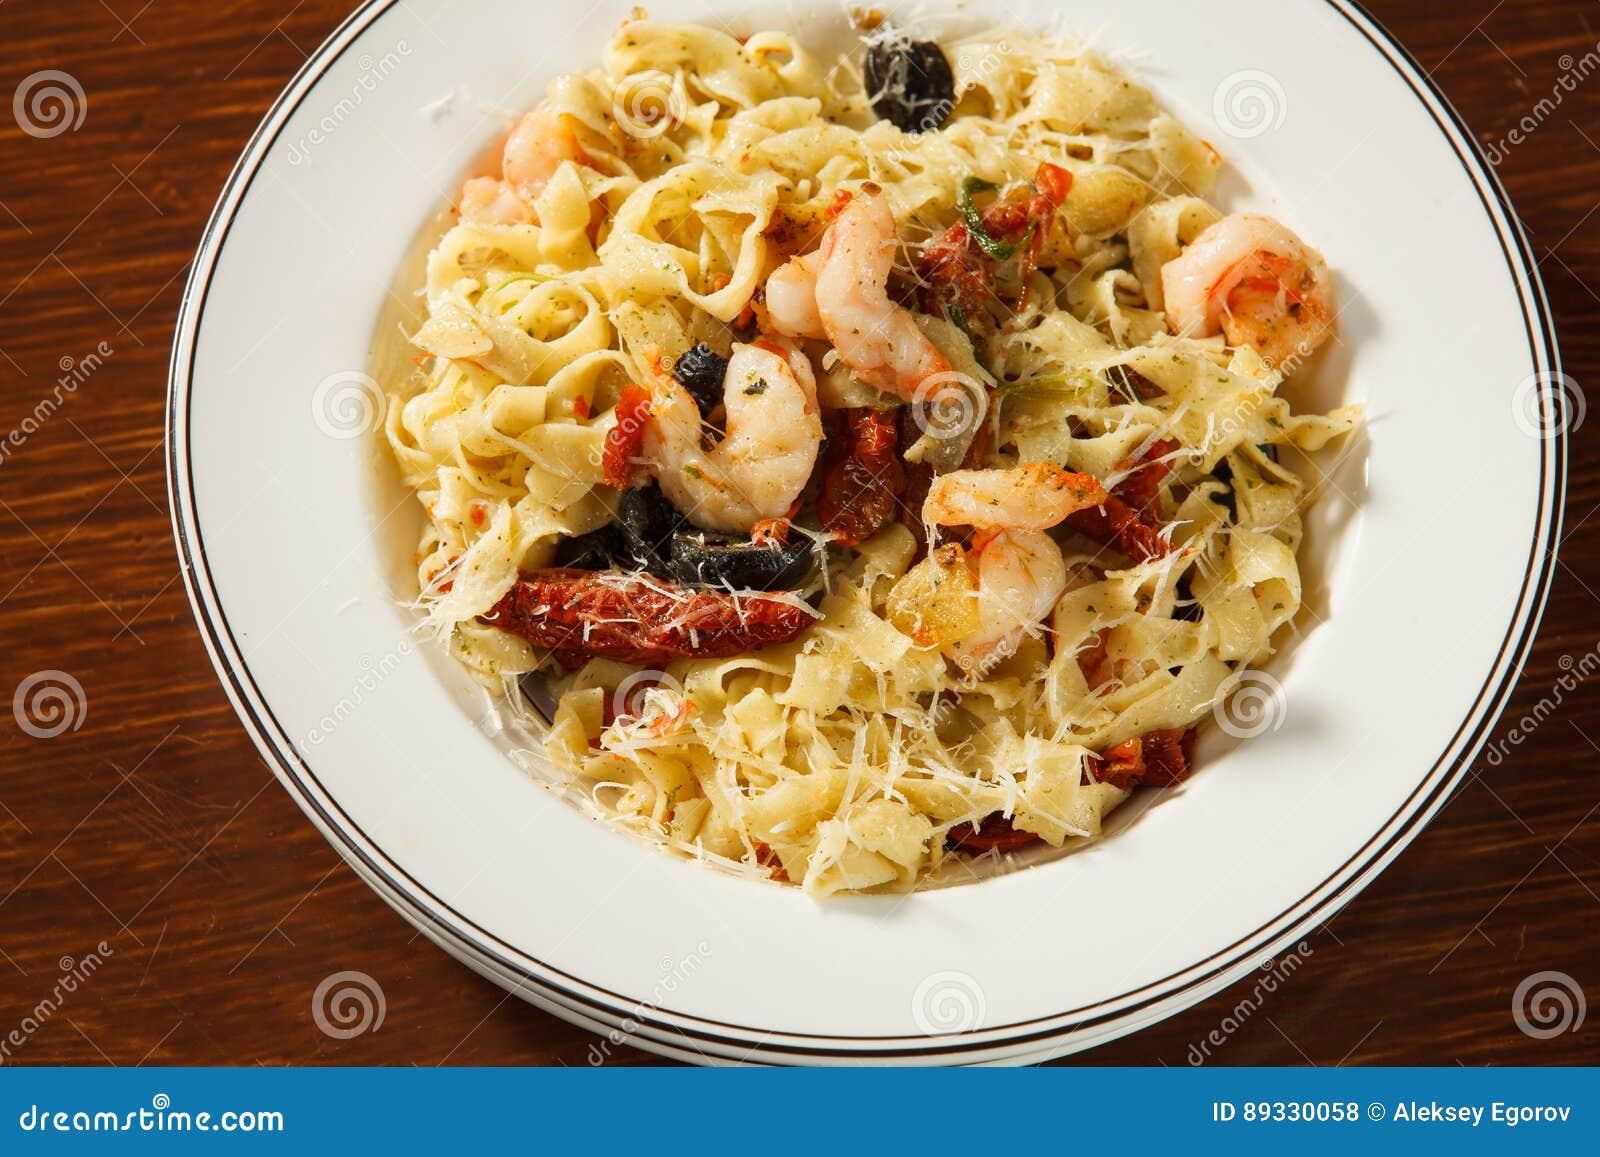 Plate of tasty food